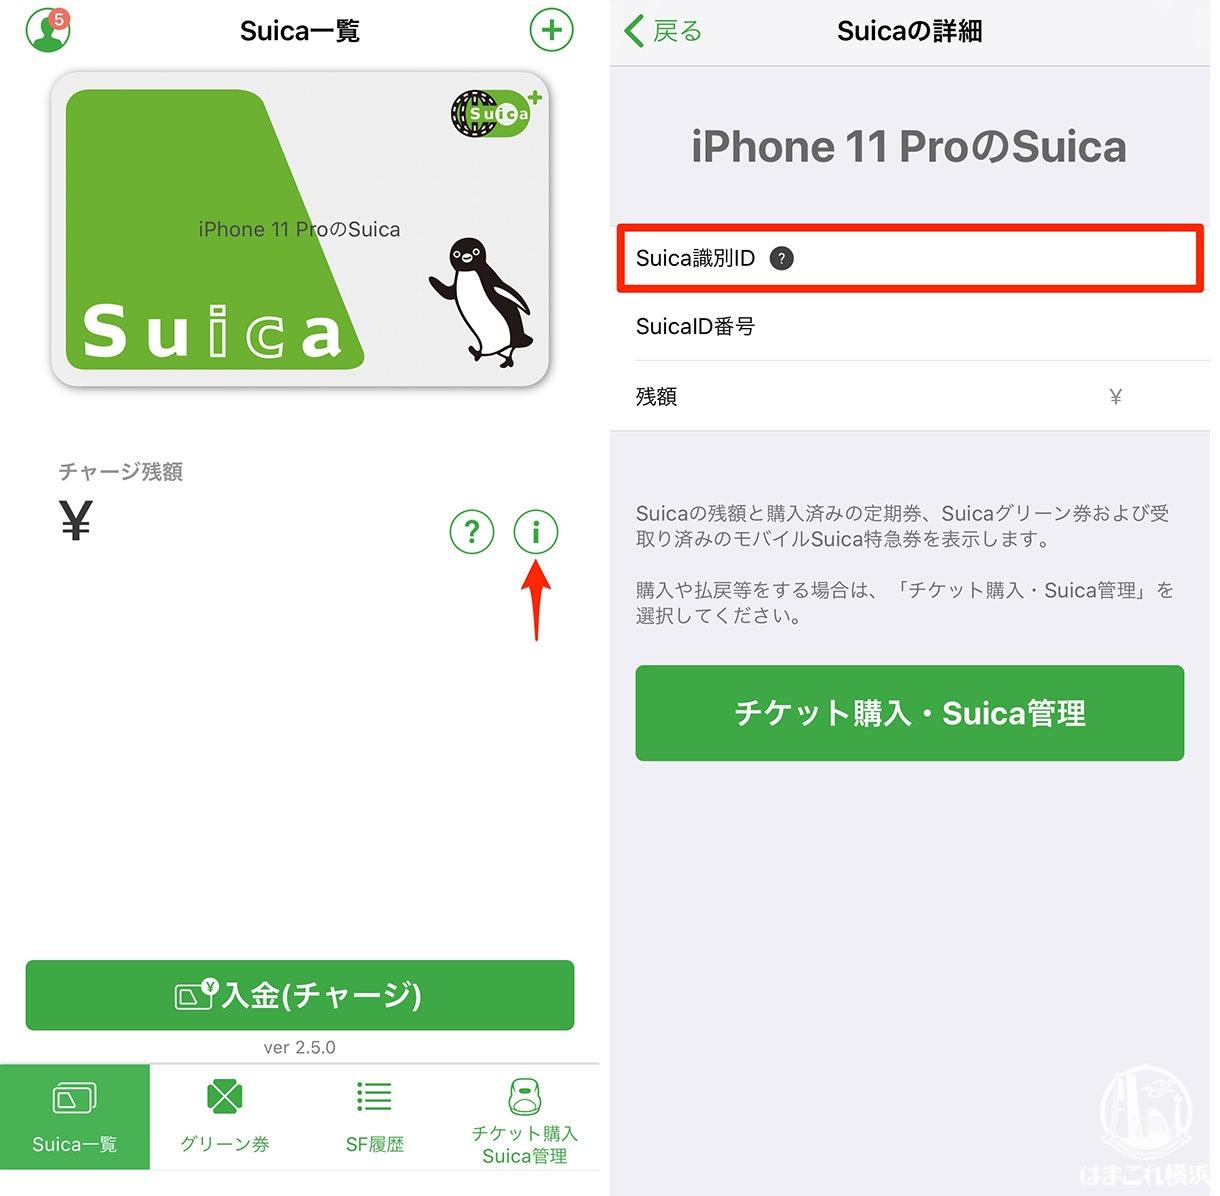 iPhoneモバイルSuica 識別IDの確認方法